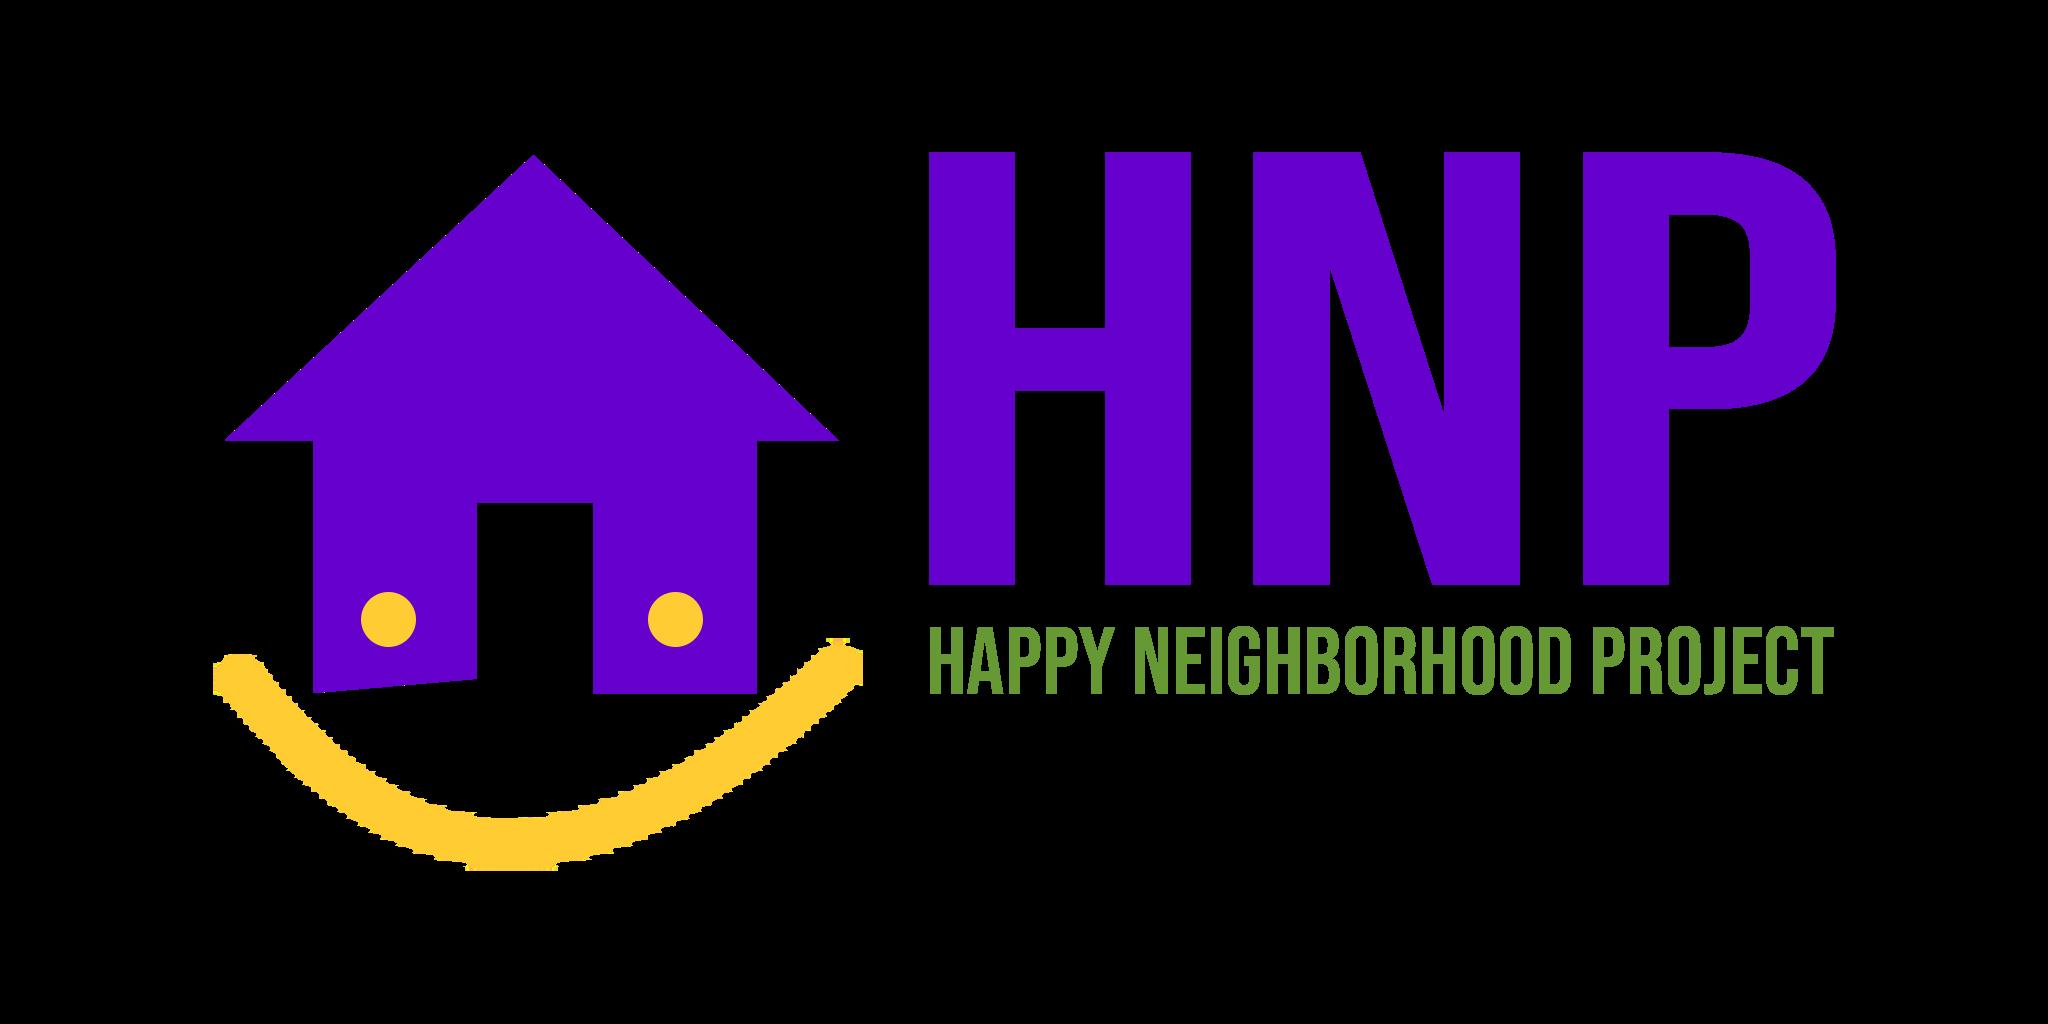 Happy Neighborhood Project